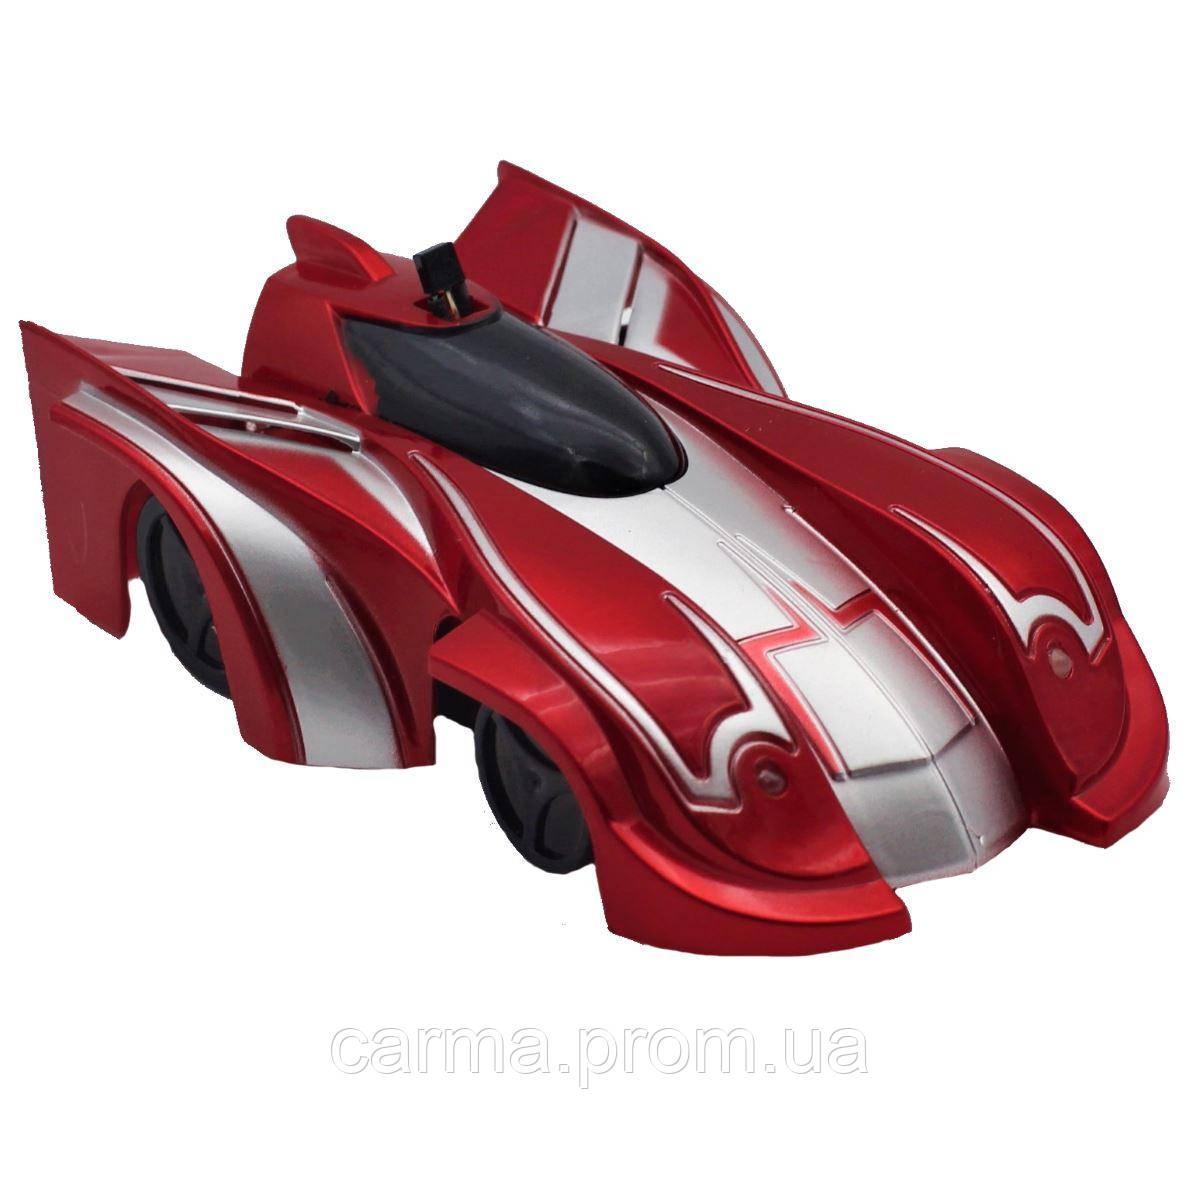 Антигравитационная машинка Car Wall Climber Красная